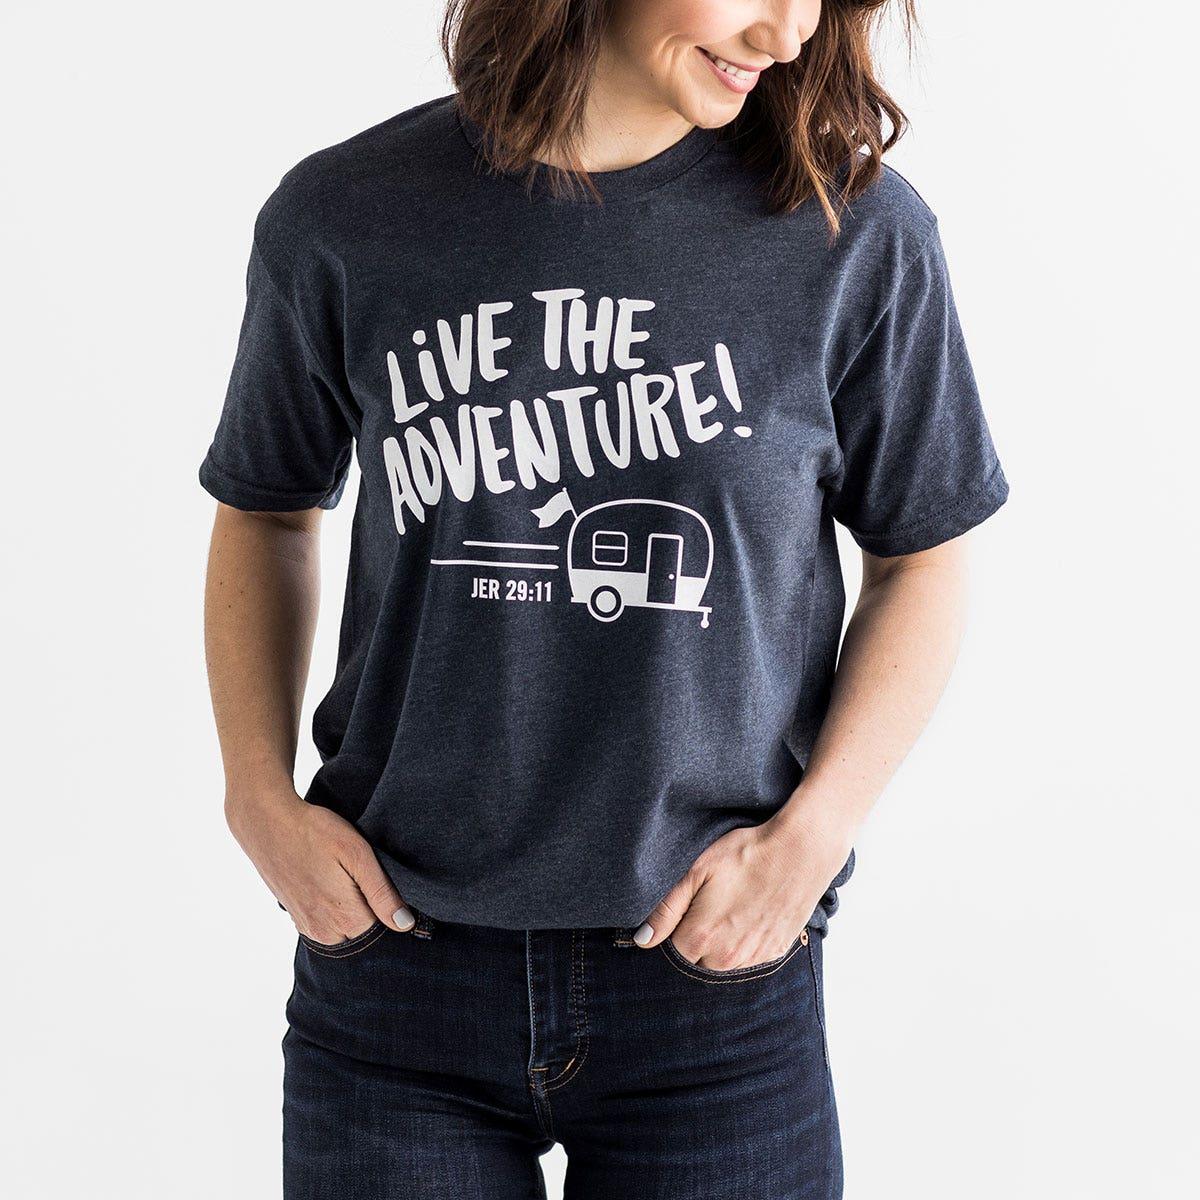 Live the Adventure - Blue Live Your Faith T-Shirt